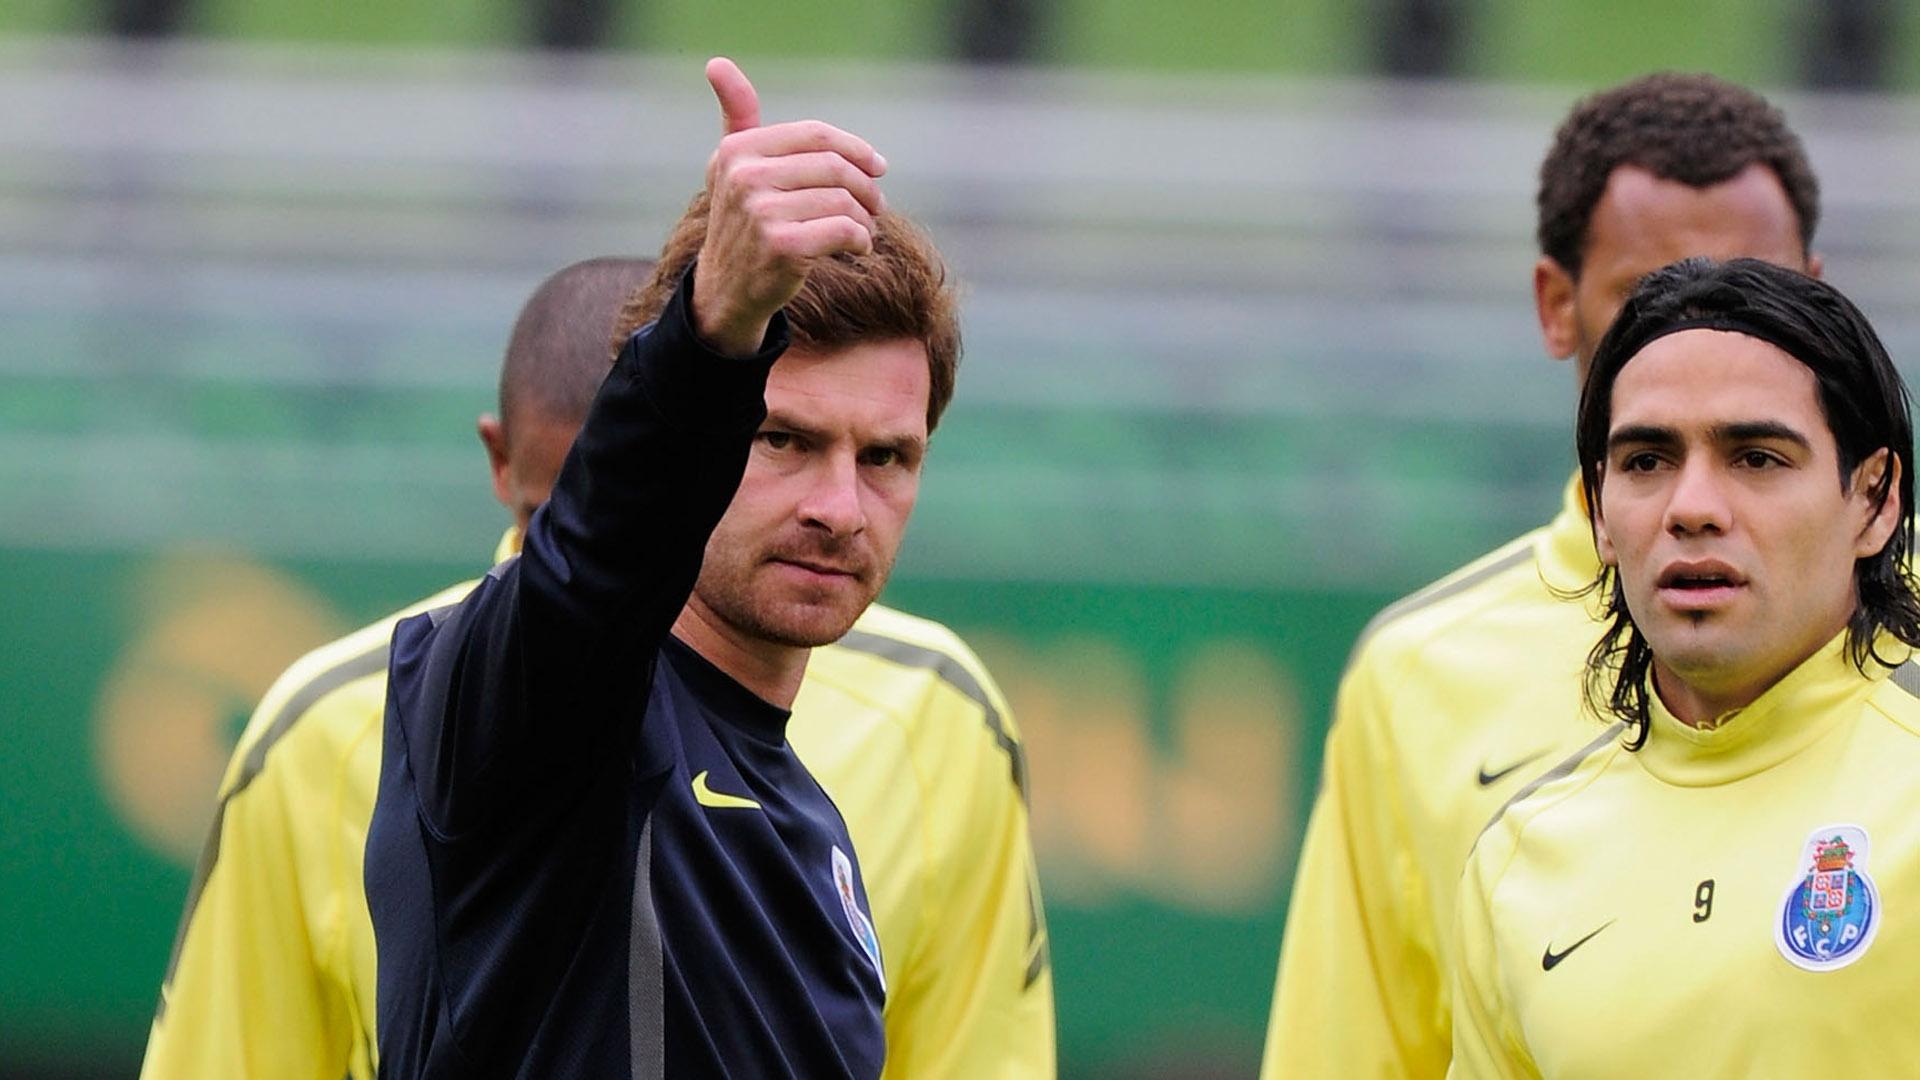 Andre Villas-Boas Porto Champions League